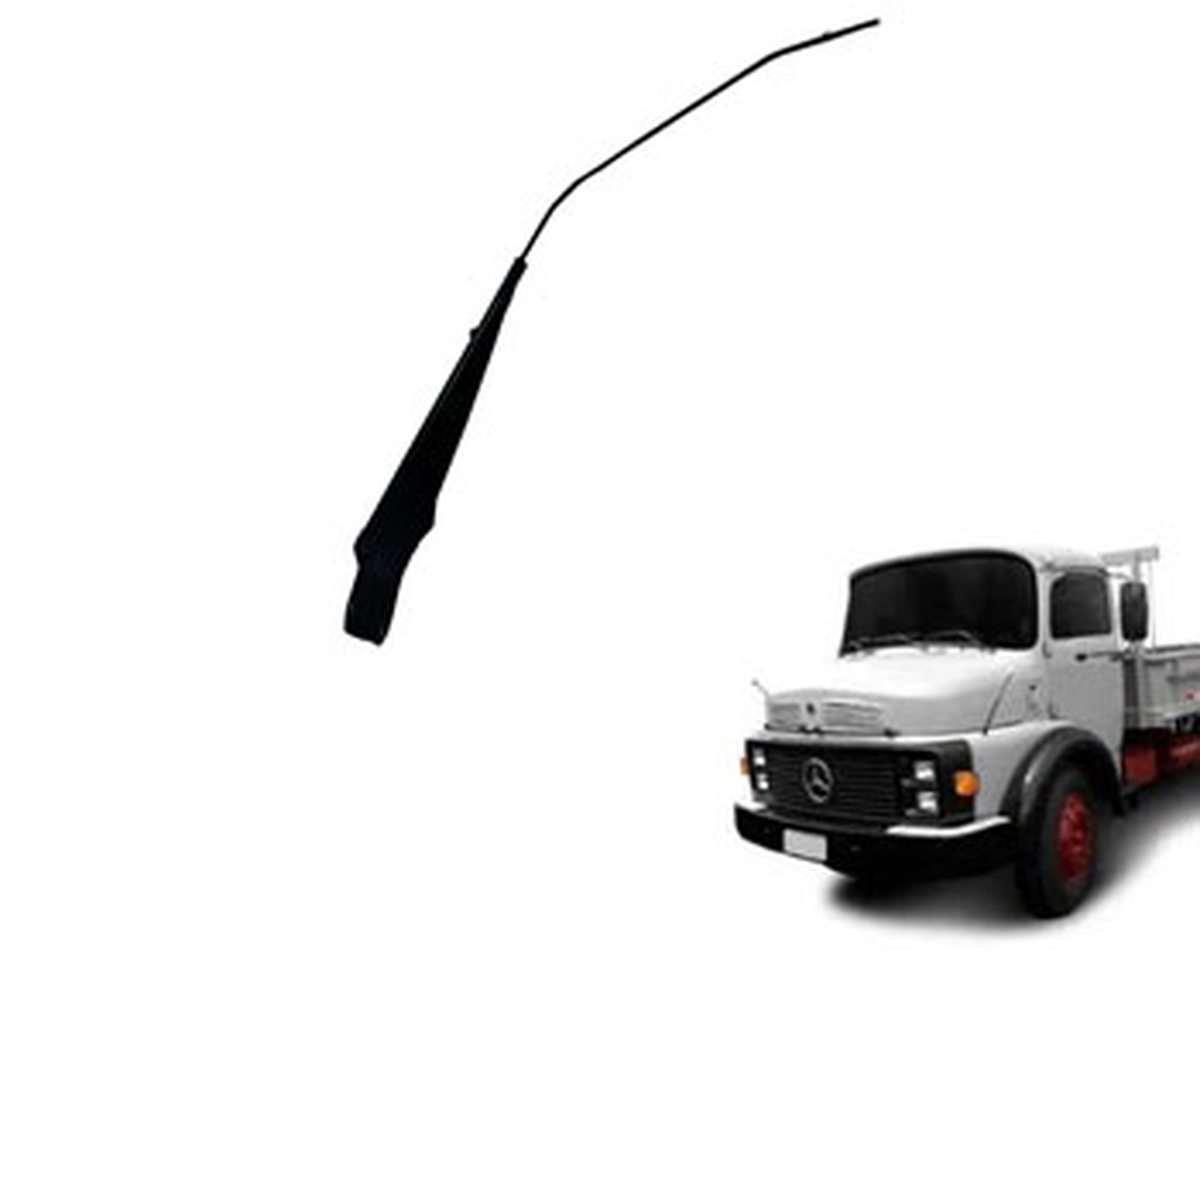 Braço Limpador MBB - 03 LIMPADORES - Modelo Curvo (G733) - G